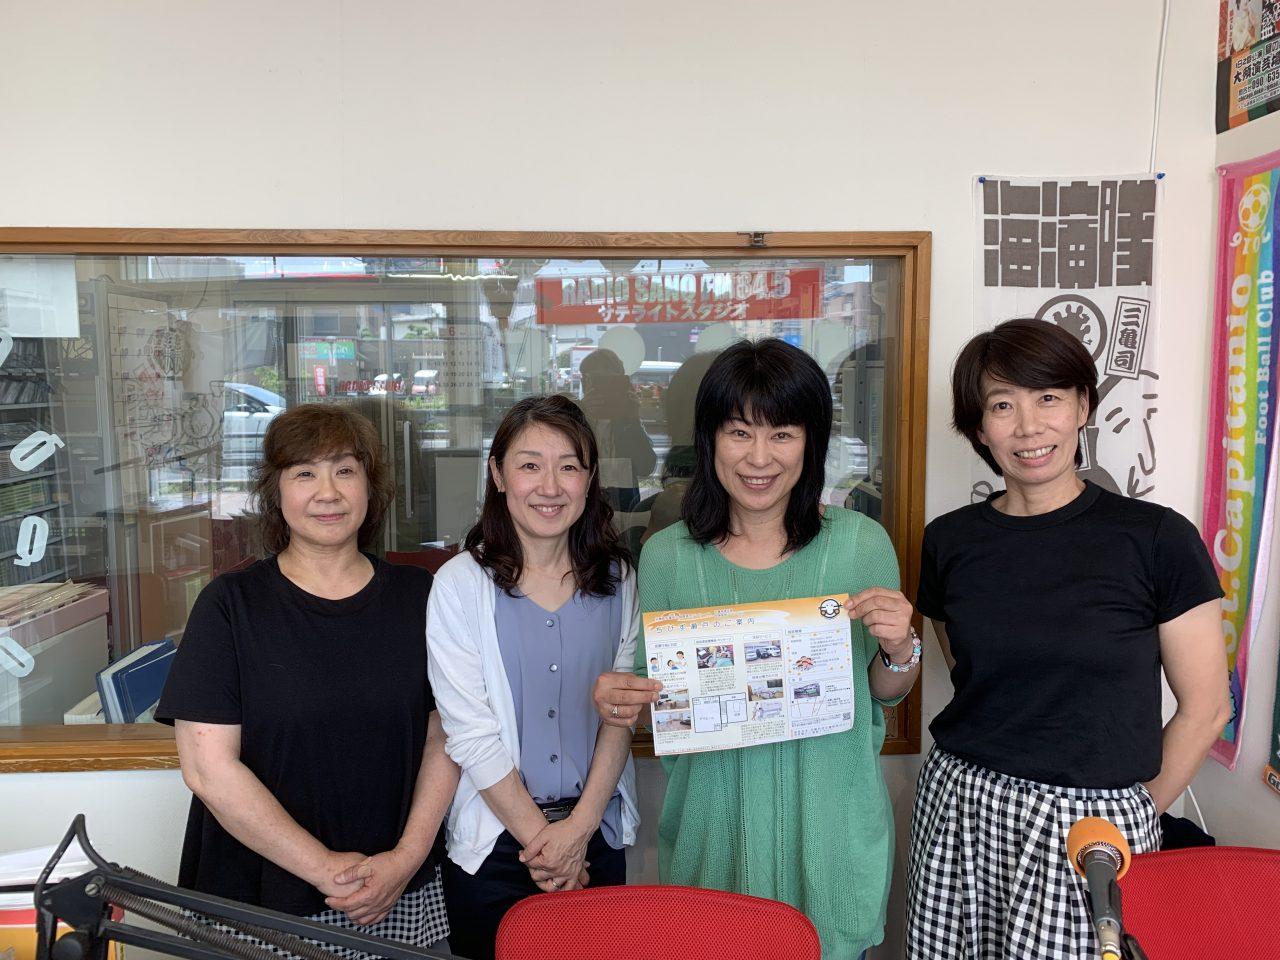 ともみとともに 大脇唆枝さん 馬場恵実さん 文井利奈さん